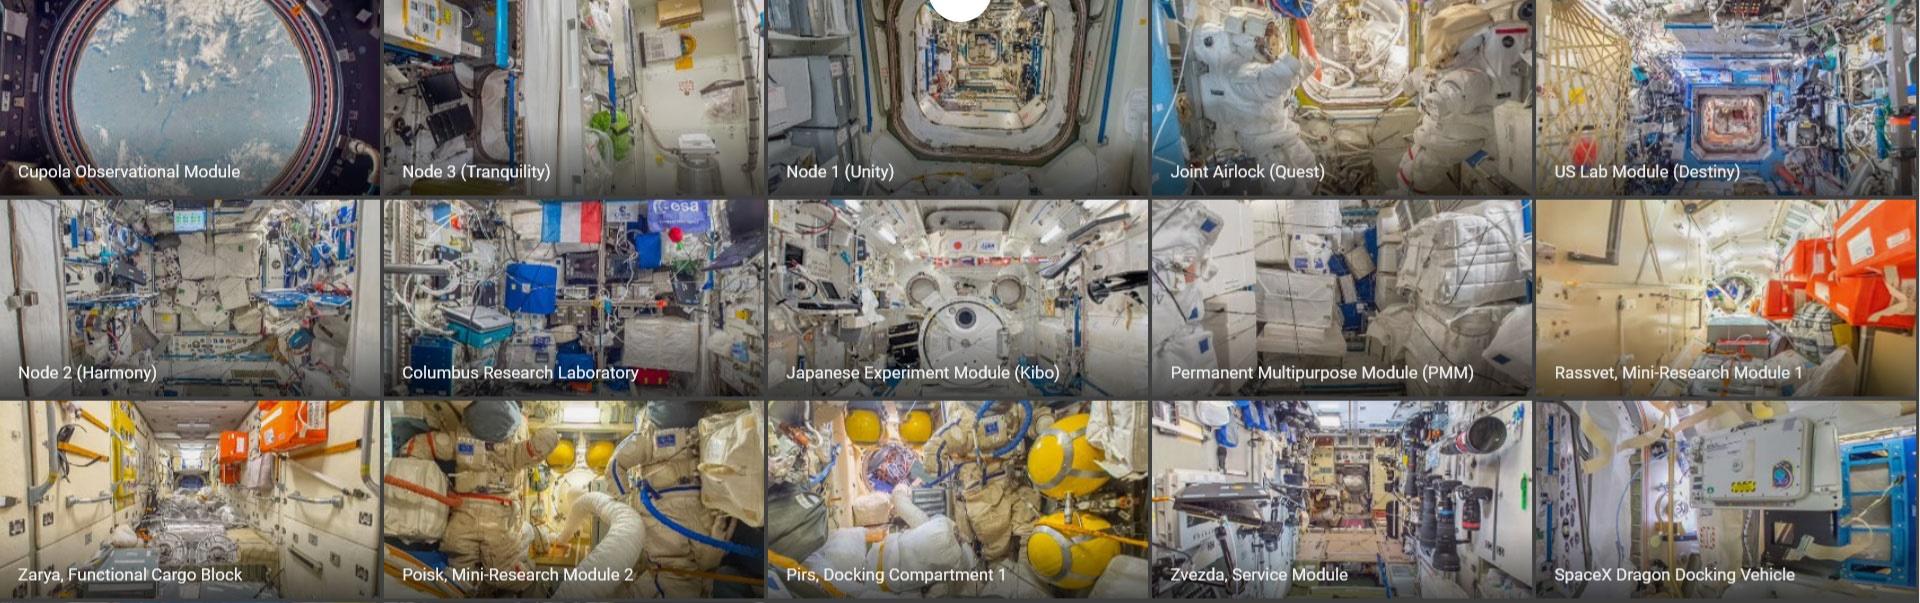 با گوگل استریت ویو درون و بیرون ایستگاه فضایی بینالمللی را ببینید/ کلیک